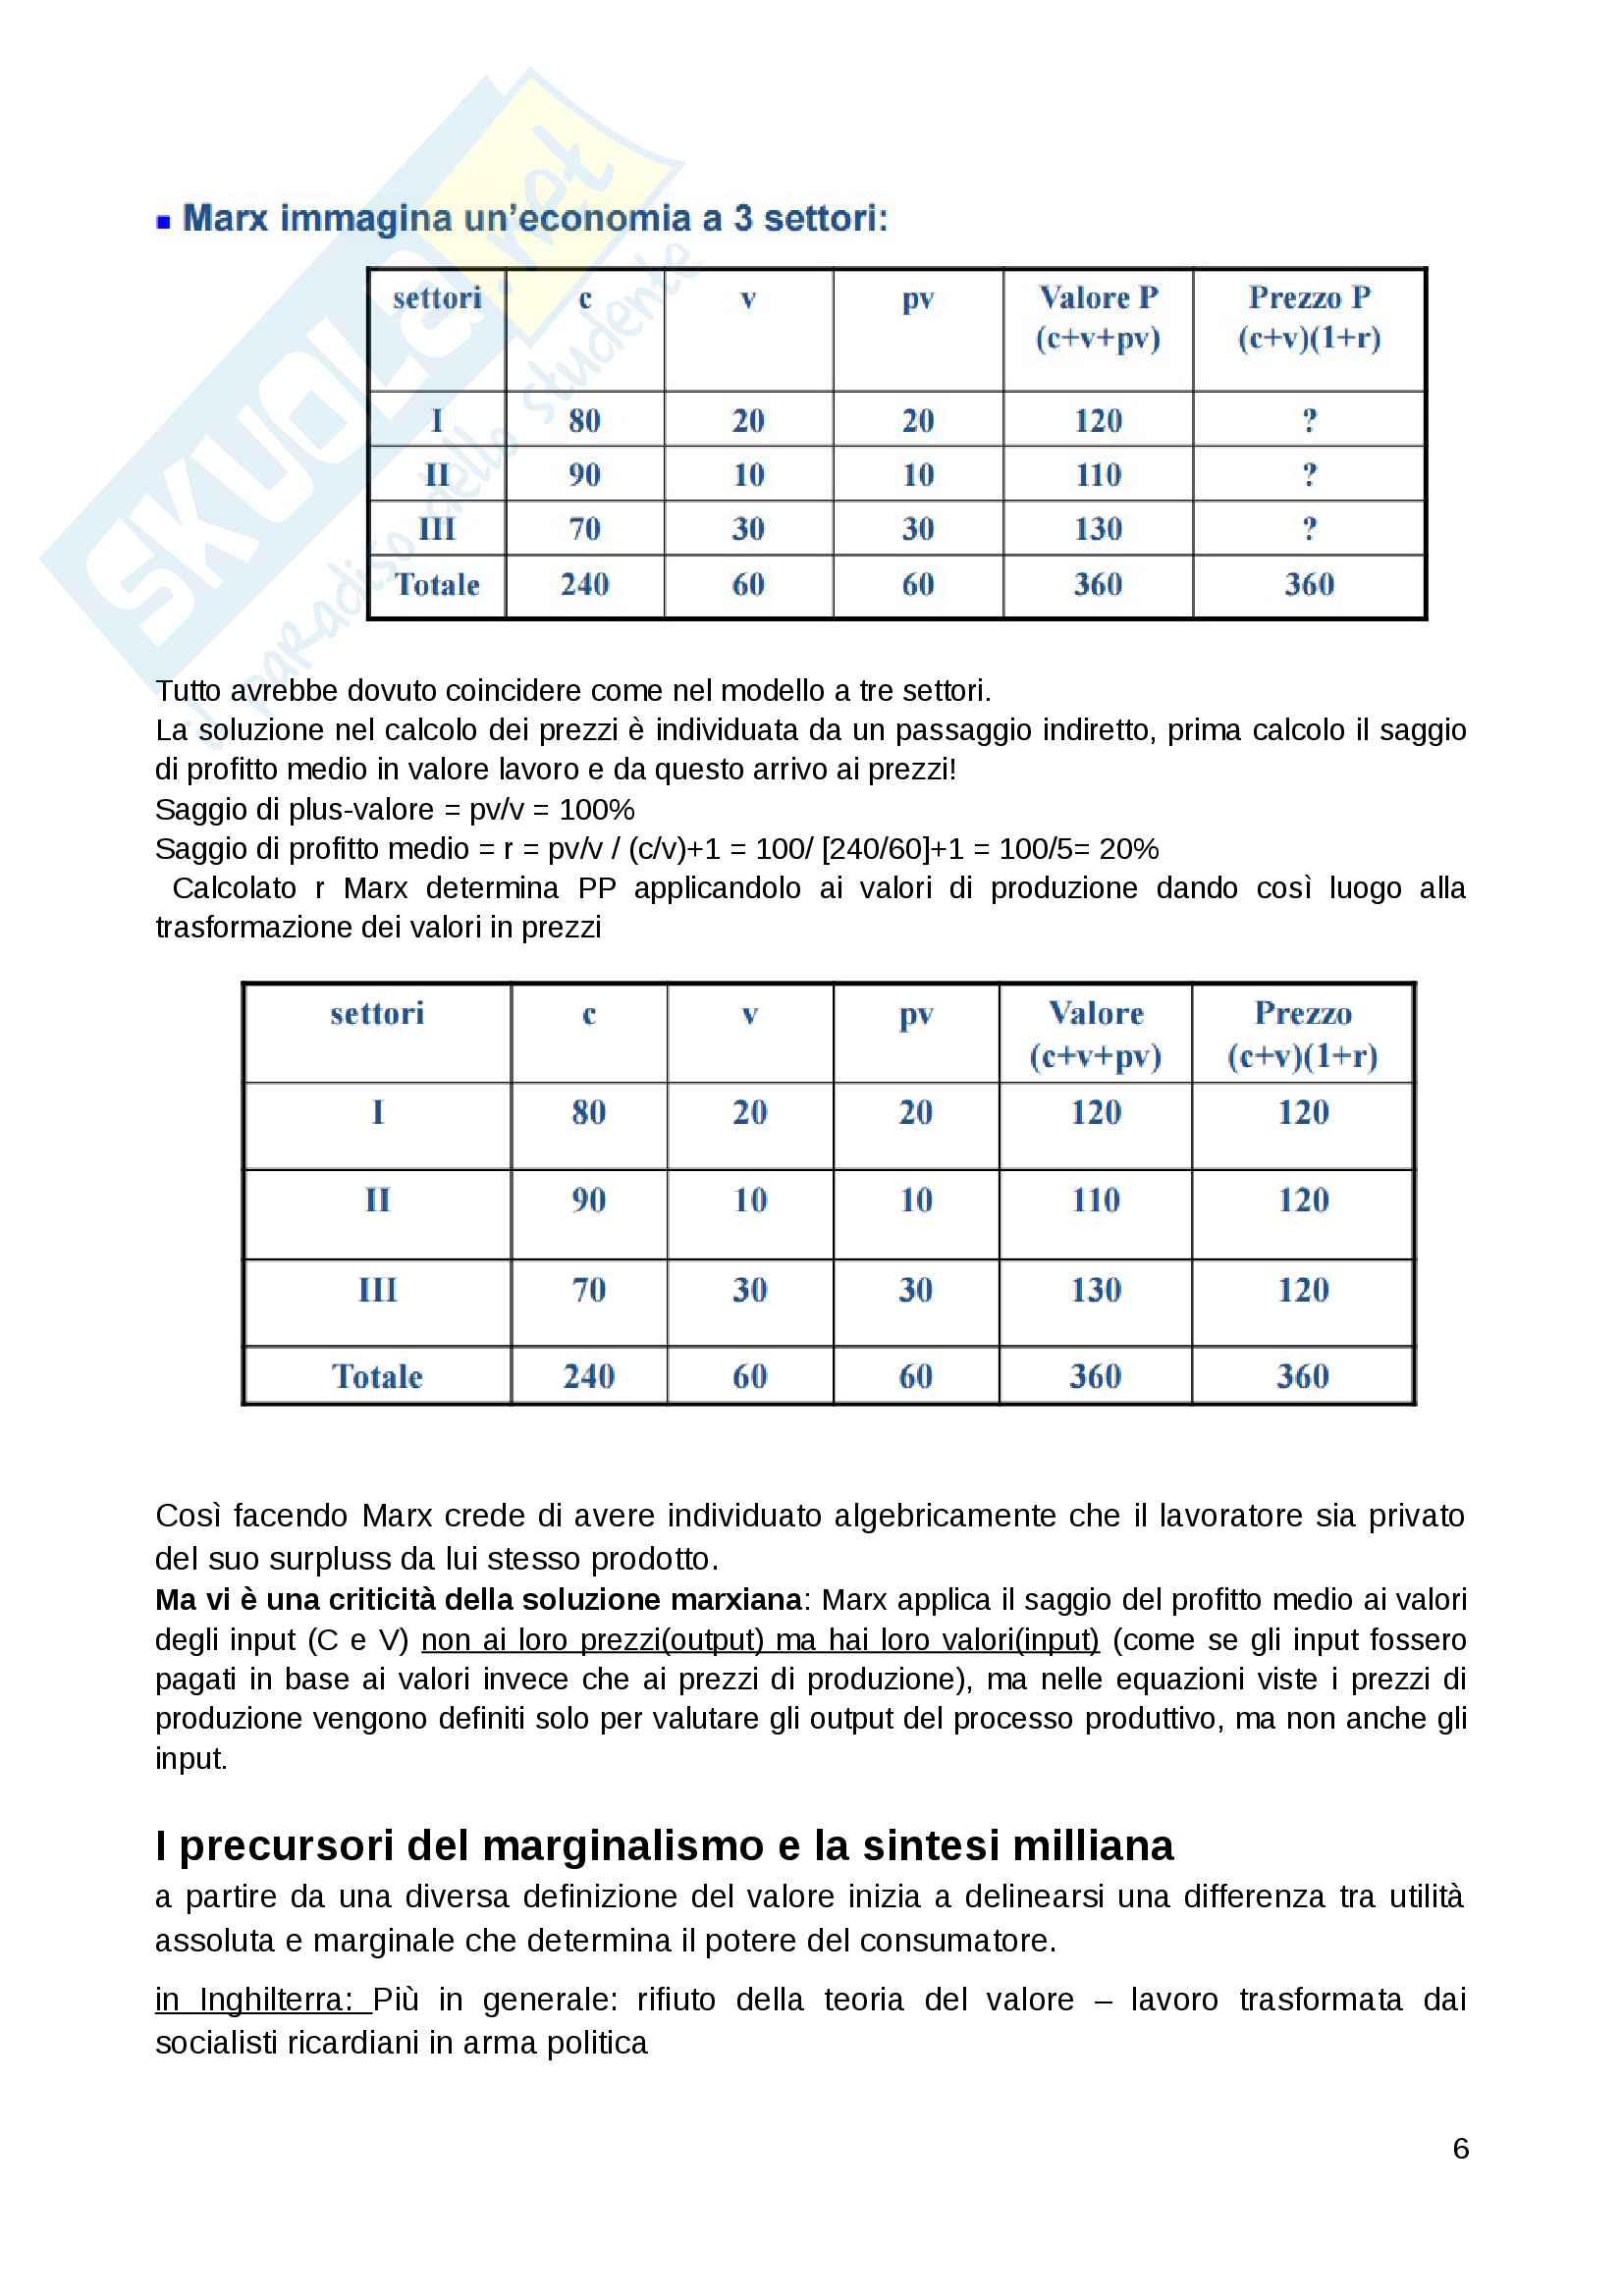 Storia del pensiero economico - Secondo parziale 2015/2016 unibo (Forli) prof. Fornasari - Con Domande e risposte d'esame Voto 30 Pag. 6